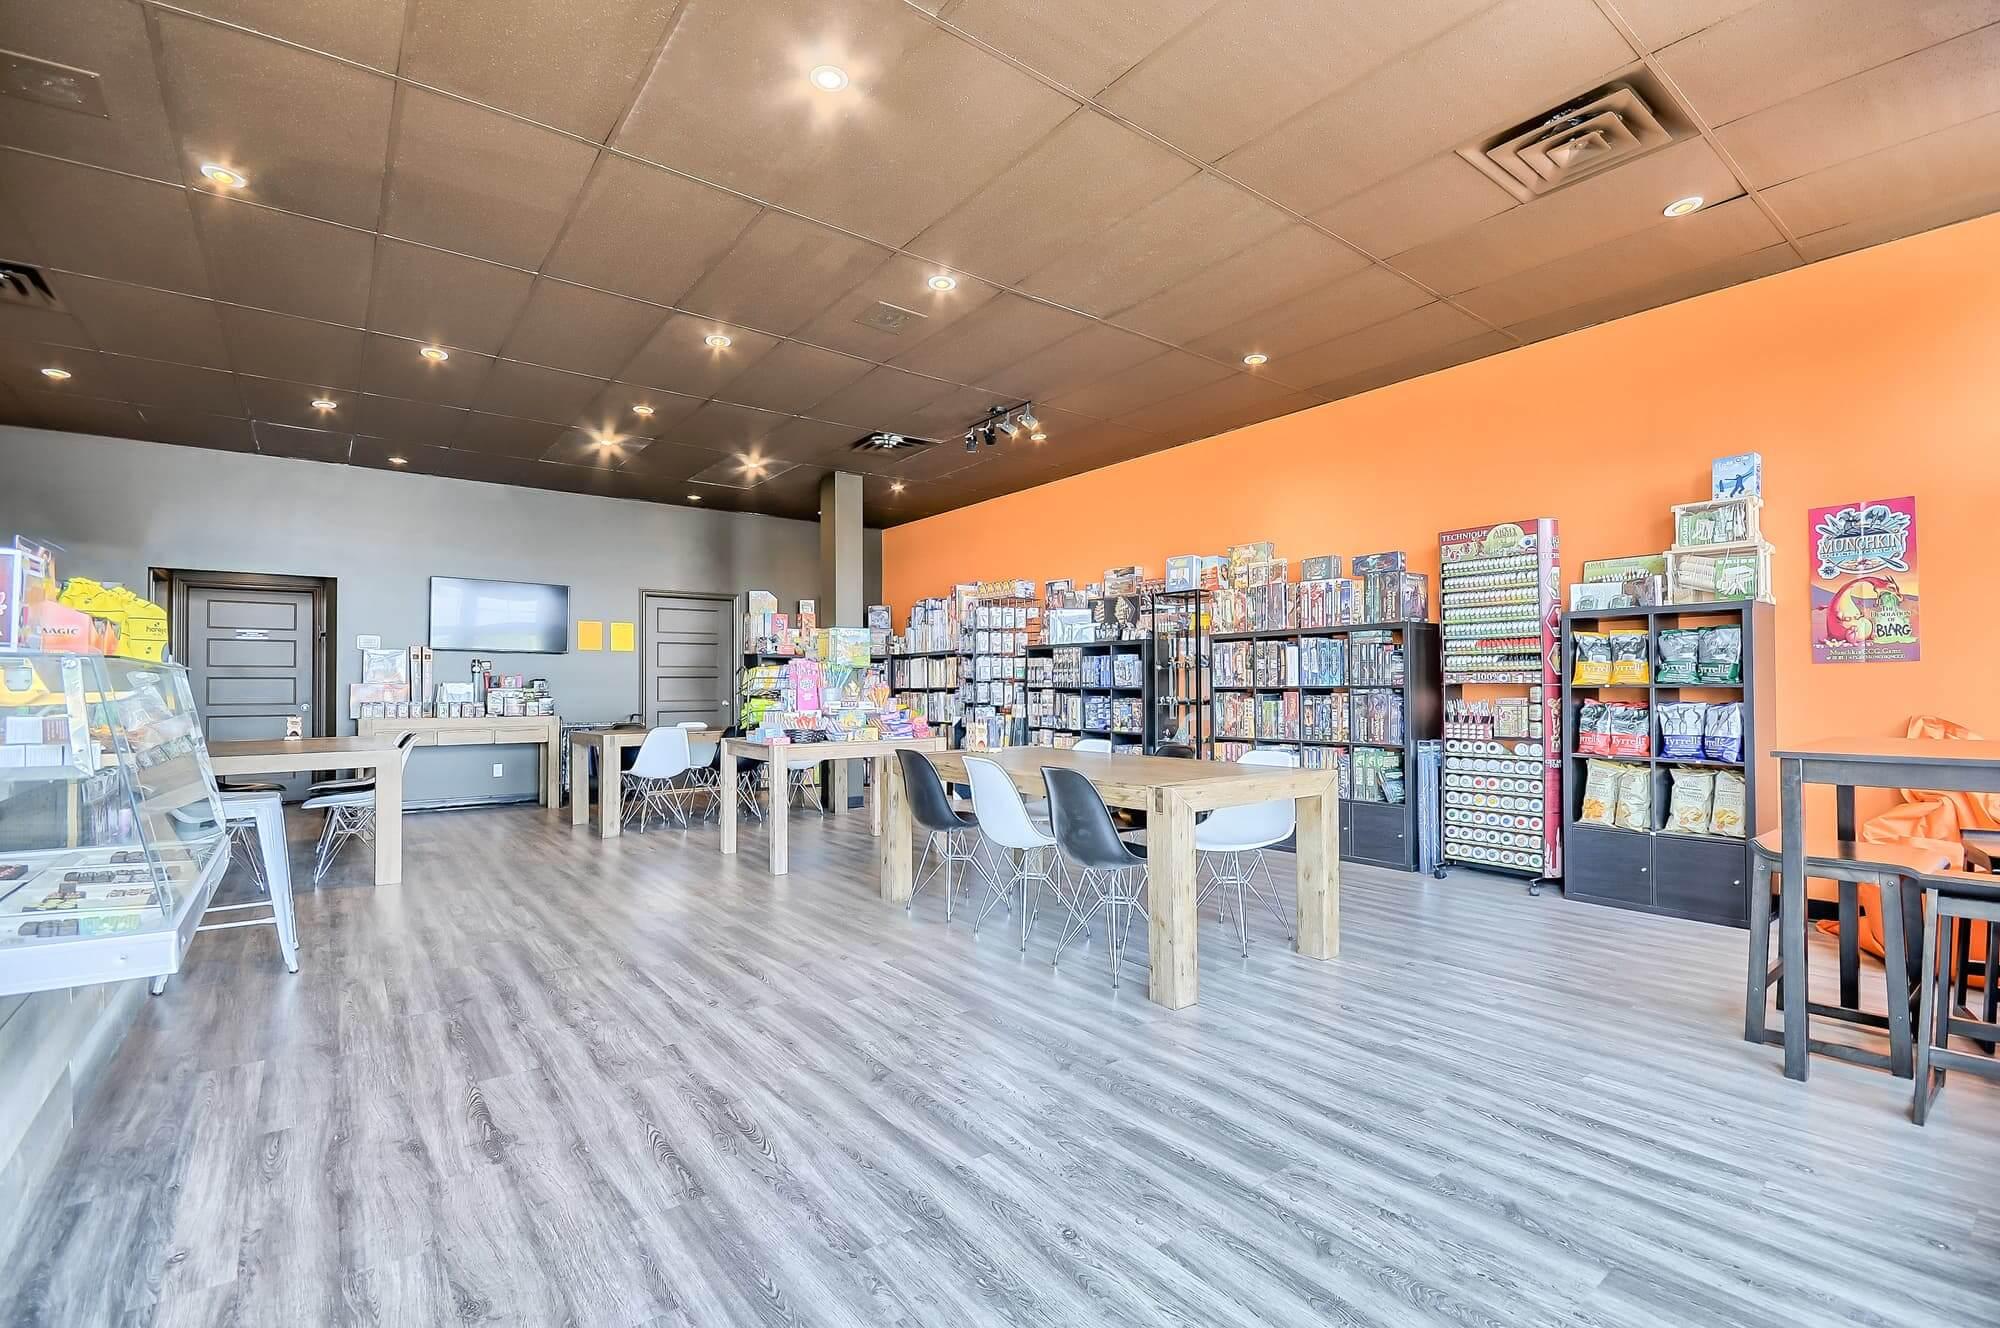 boutique et salon de jeux de société nouvellement aménagé avec plancher flottant gris et mur d'accent orange